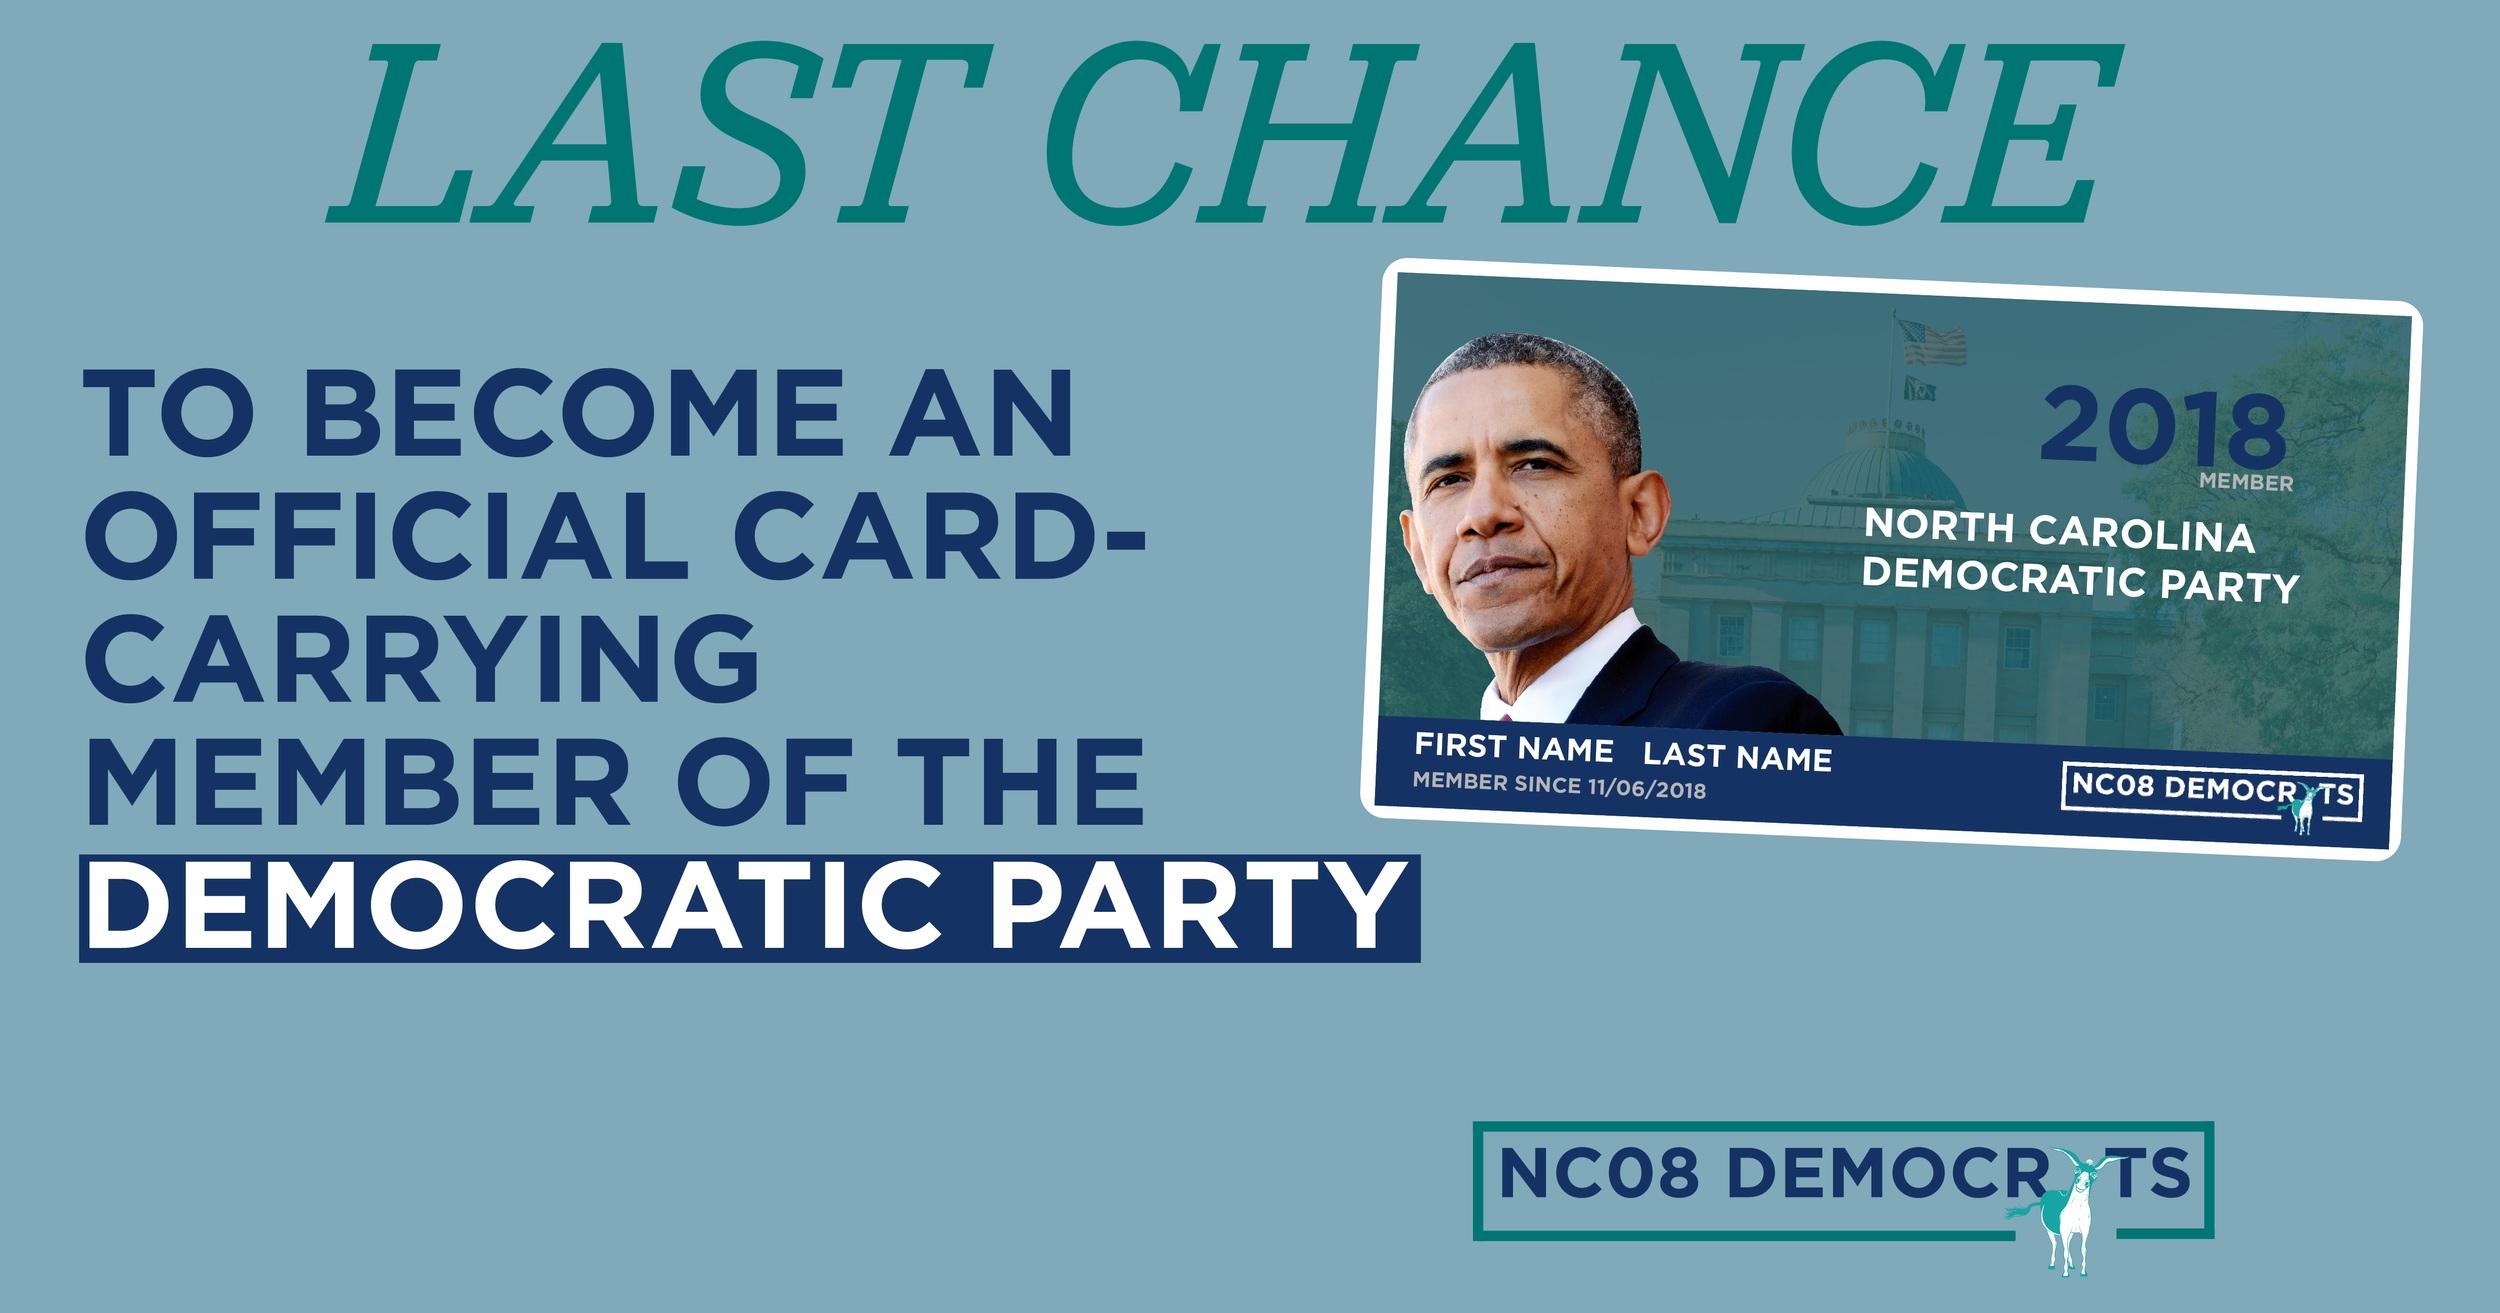 Membership+card-01.jpg